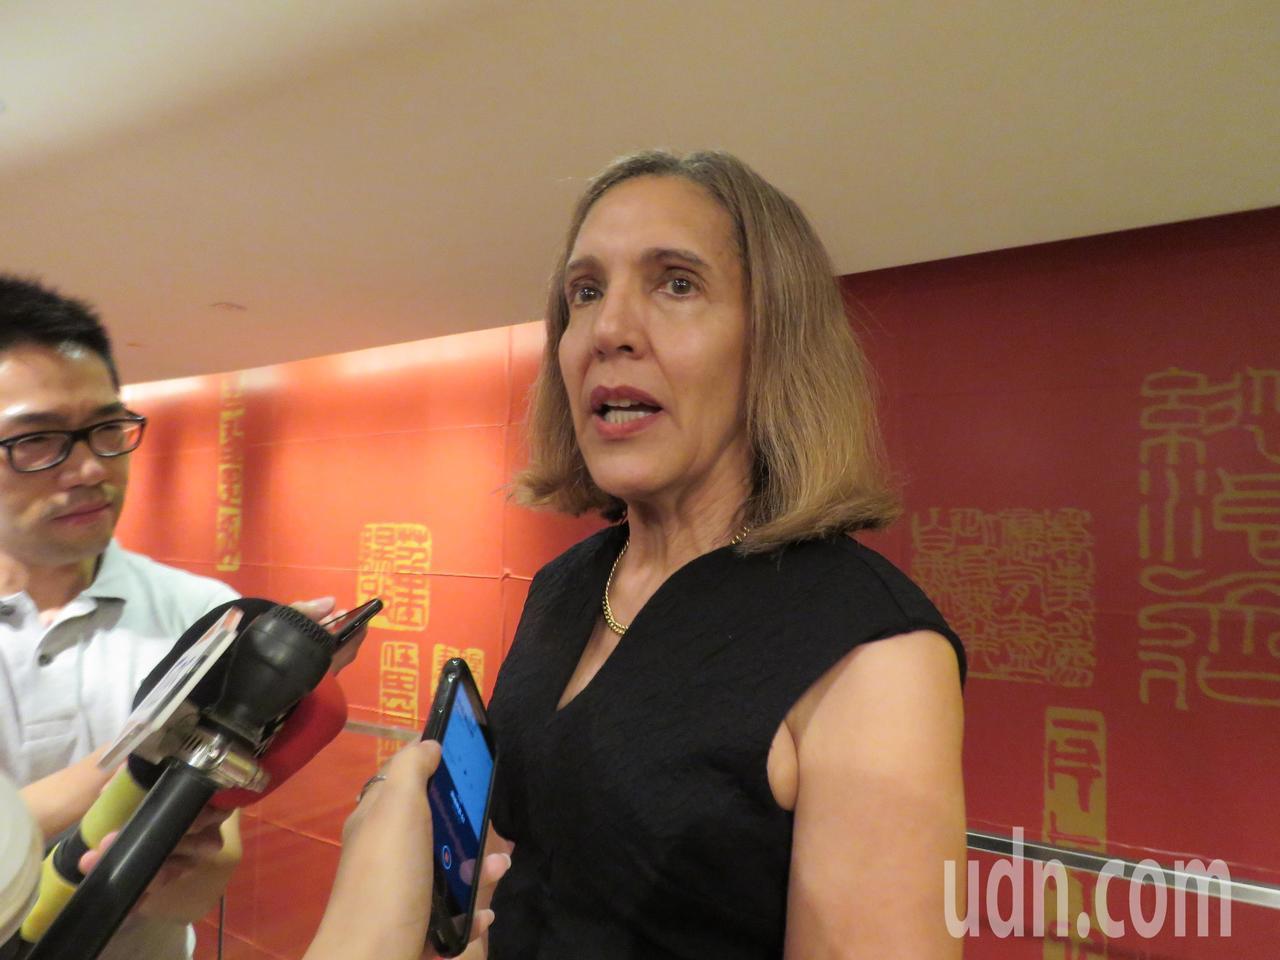 貝里斯駐聯合國常任代表楊恩。記者張加/攝影